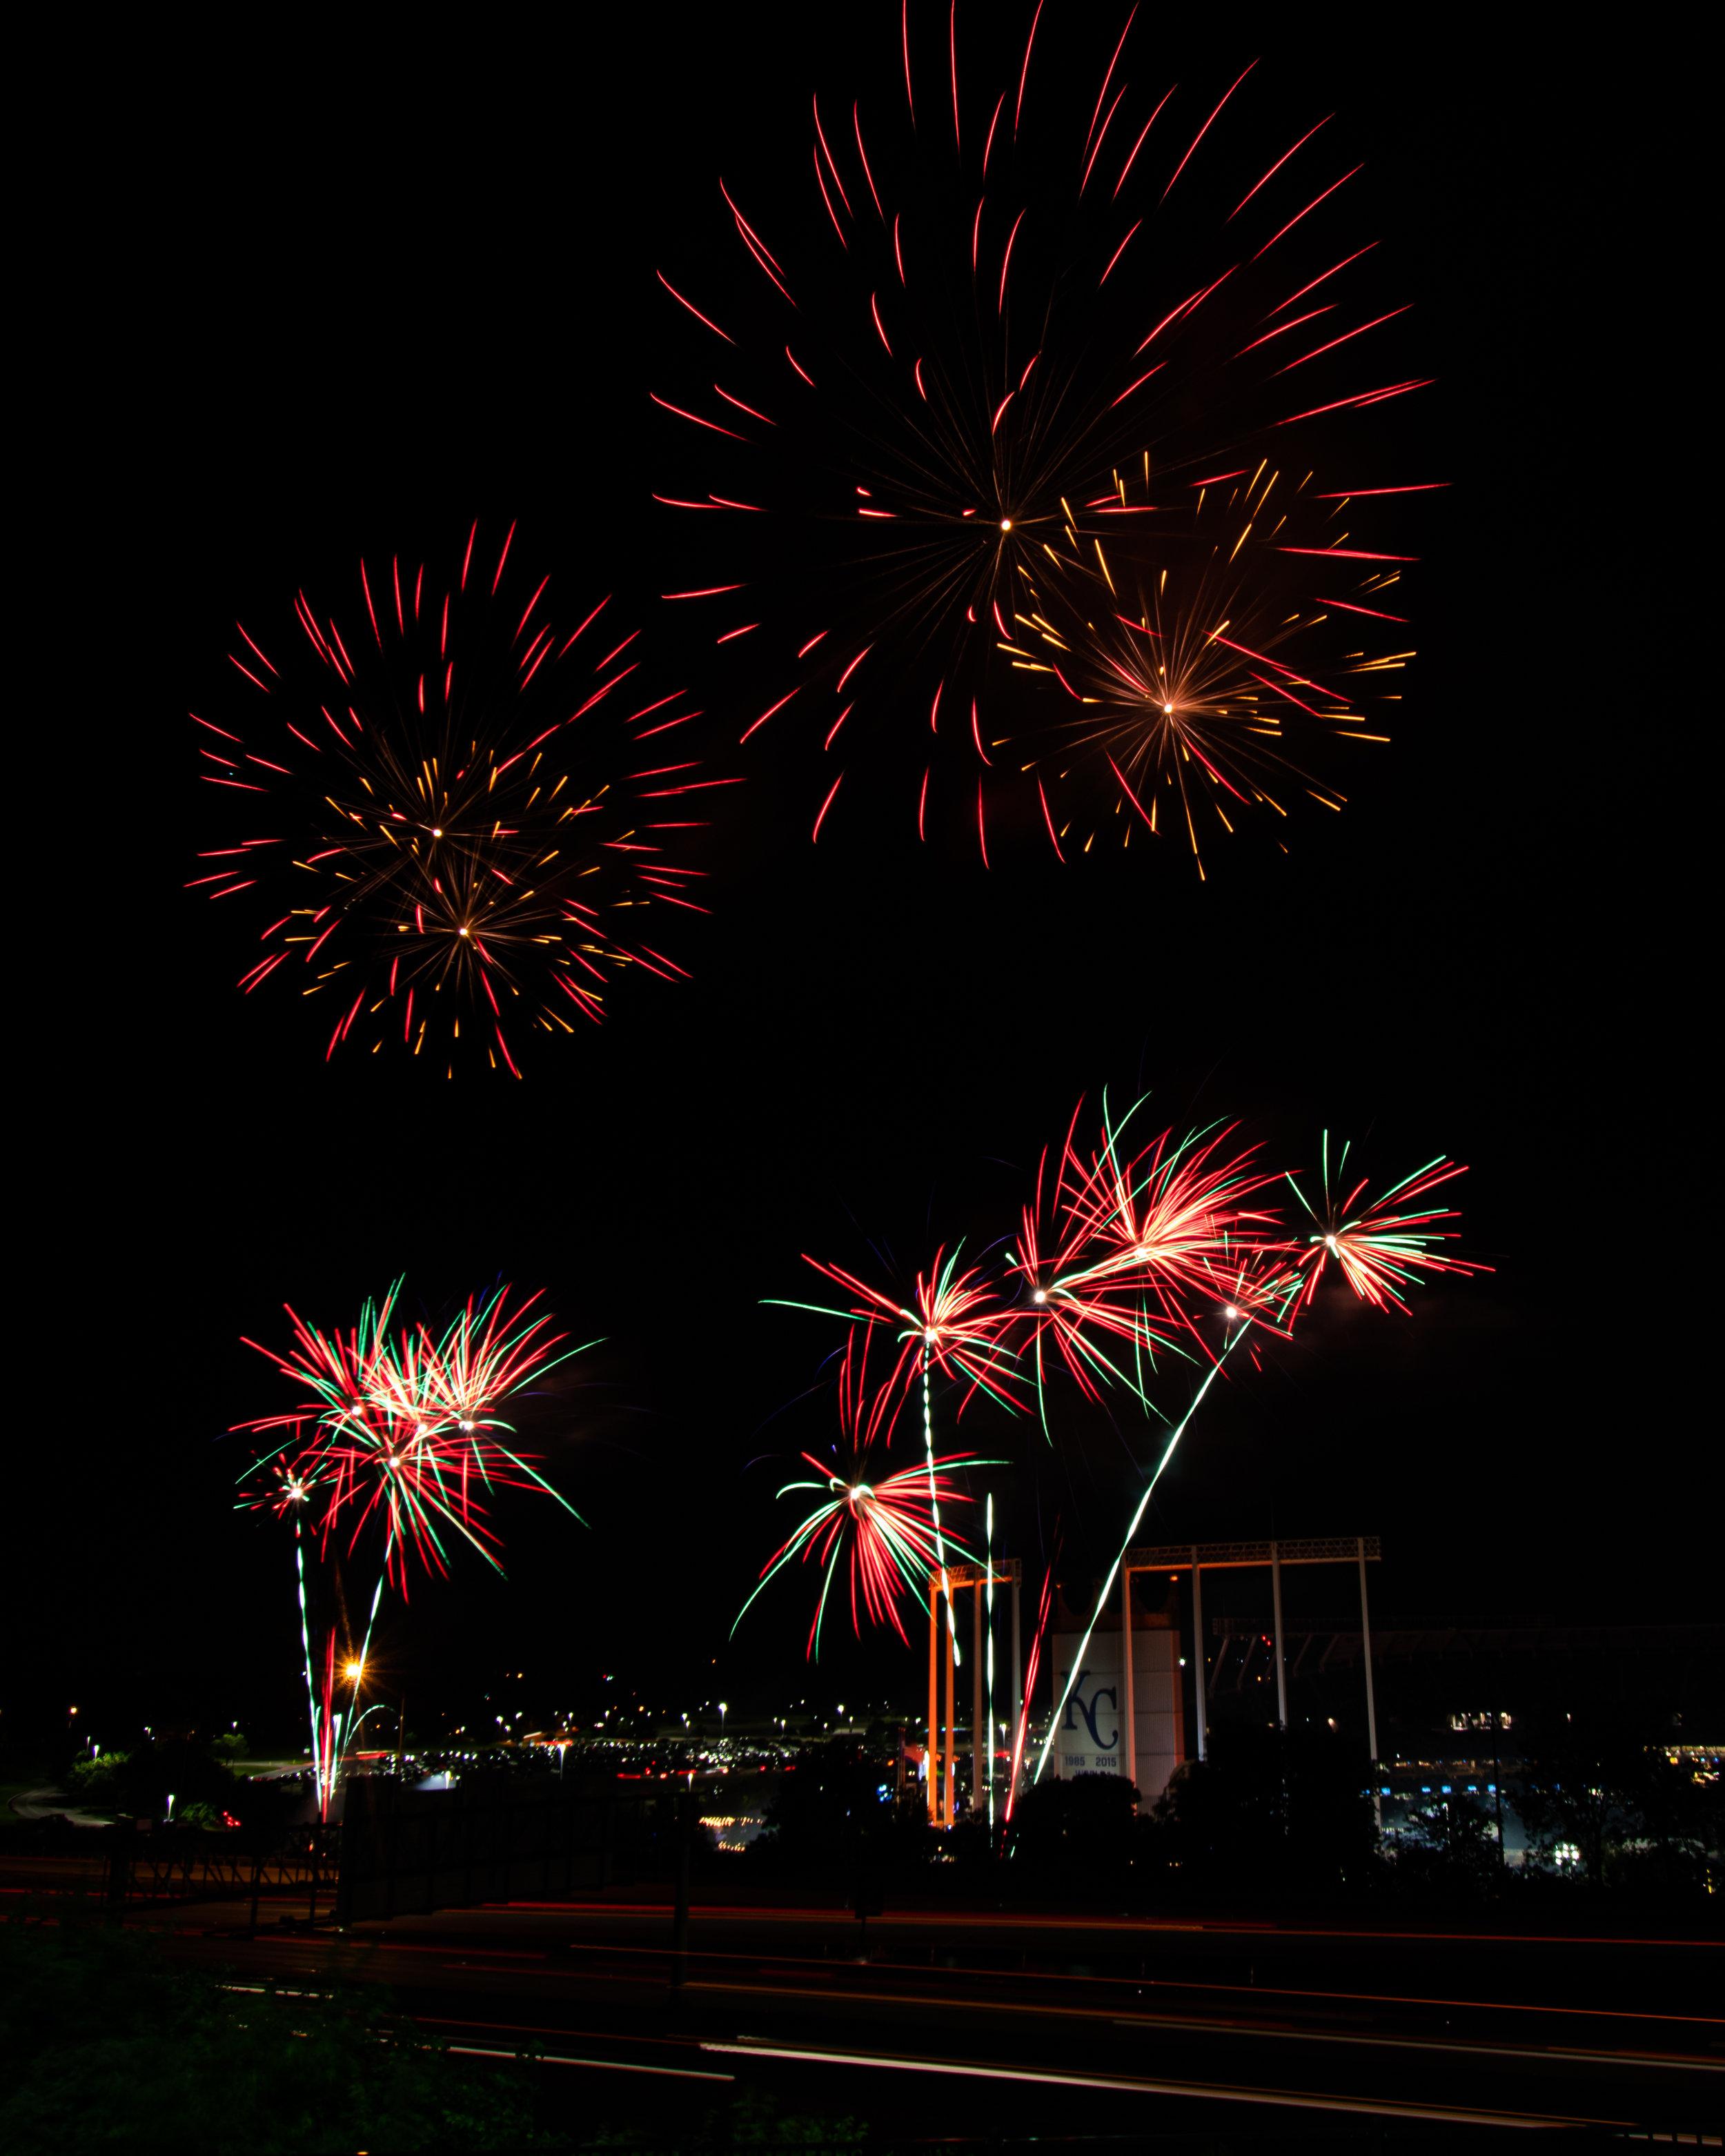 firework-friday-20-of-51_48108322788_o.jpg